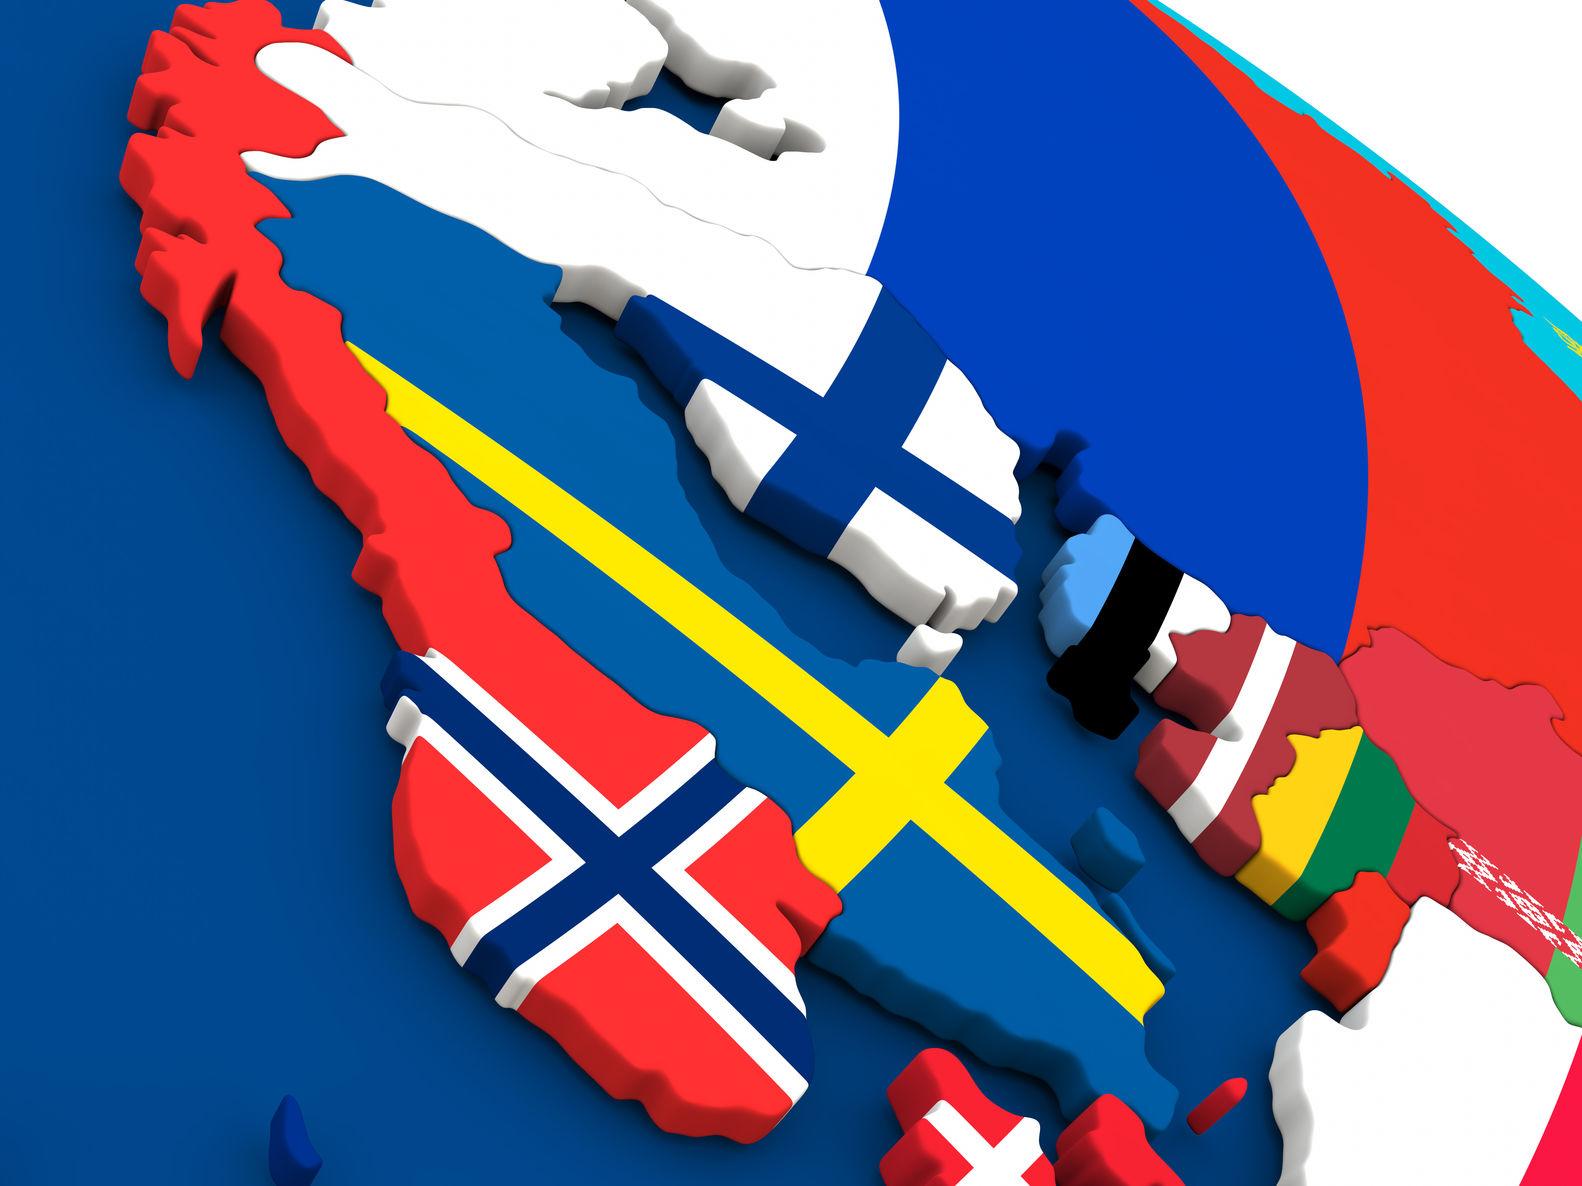 Speedfighter17 N Kuva Pohjoismaat Kartta Mostphotos